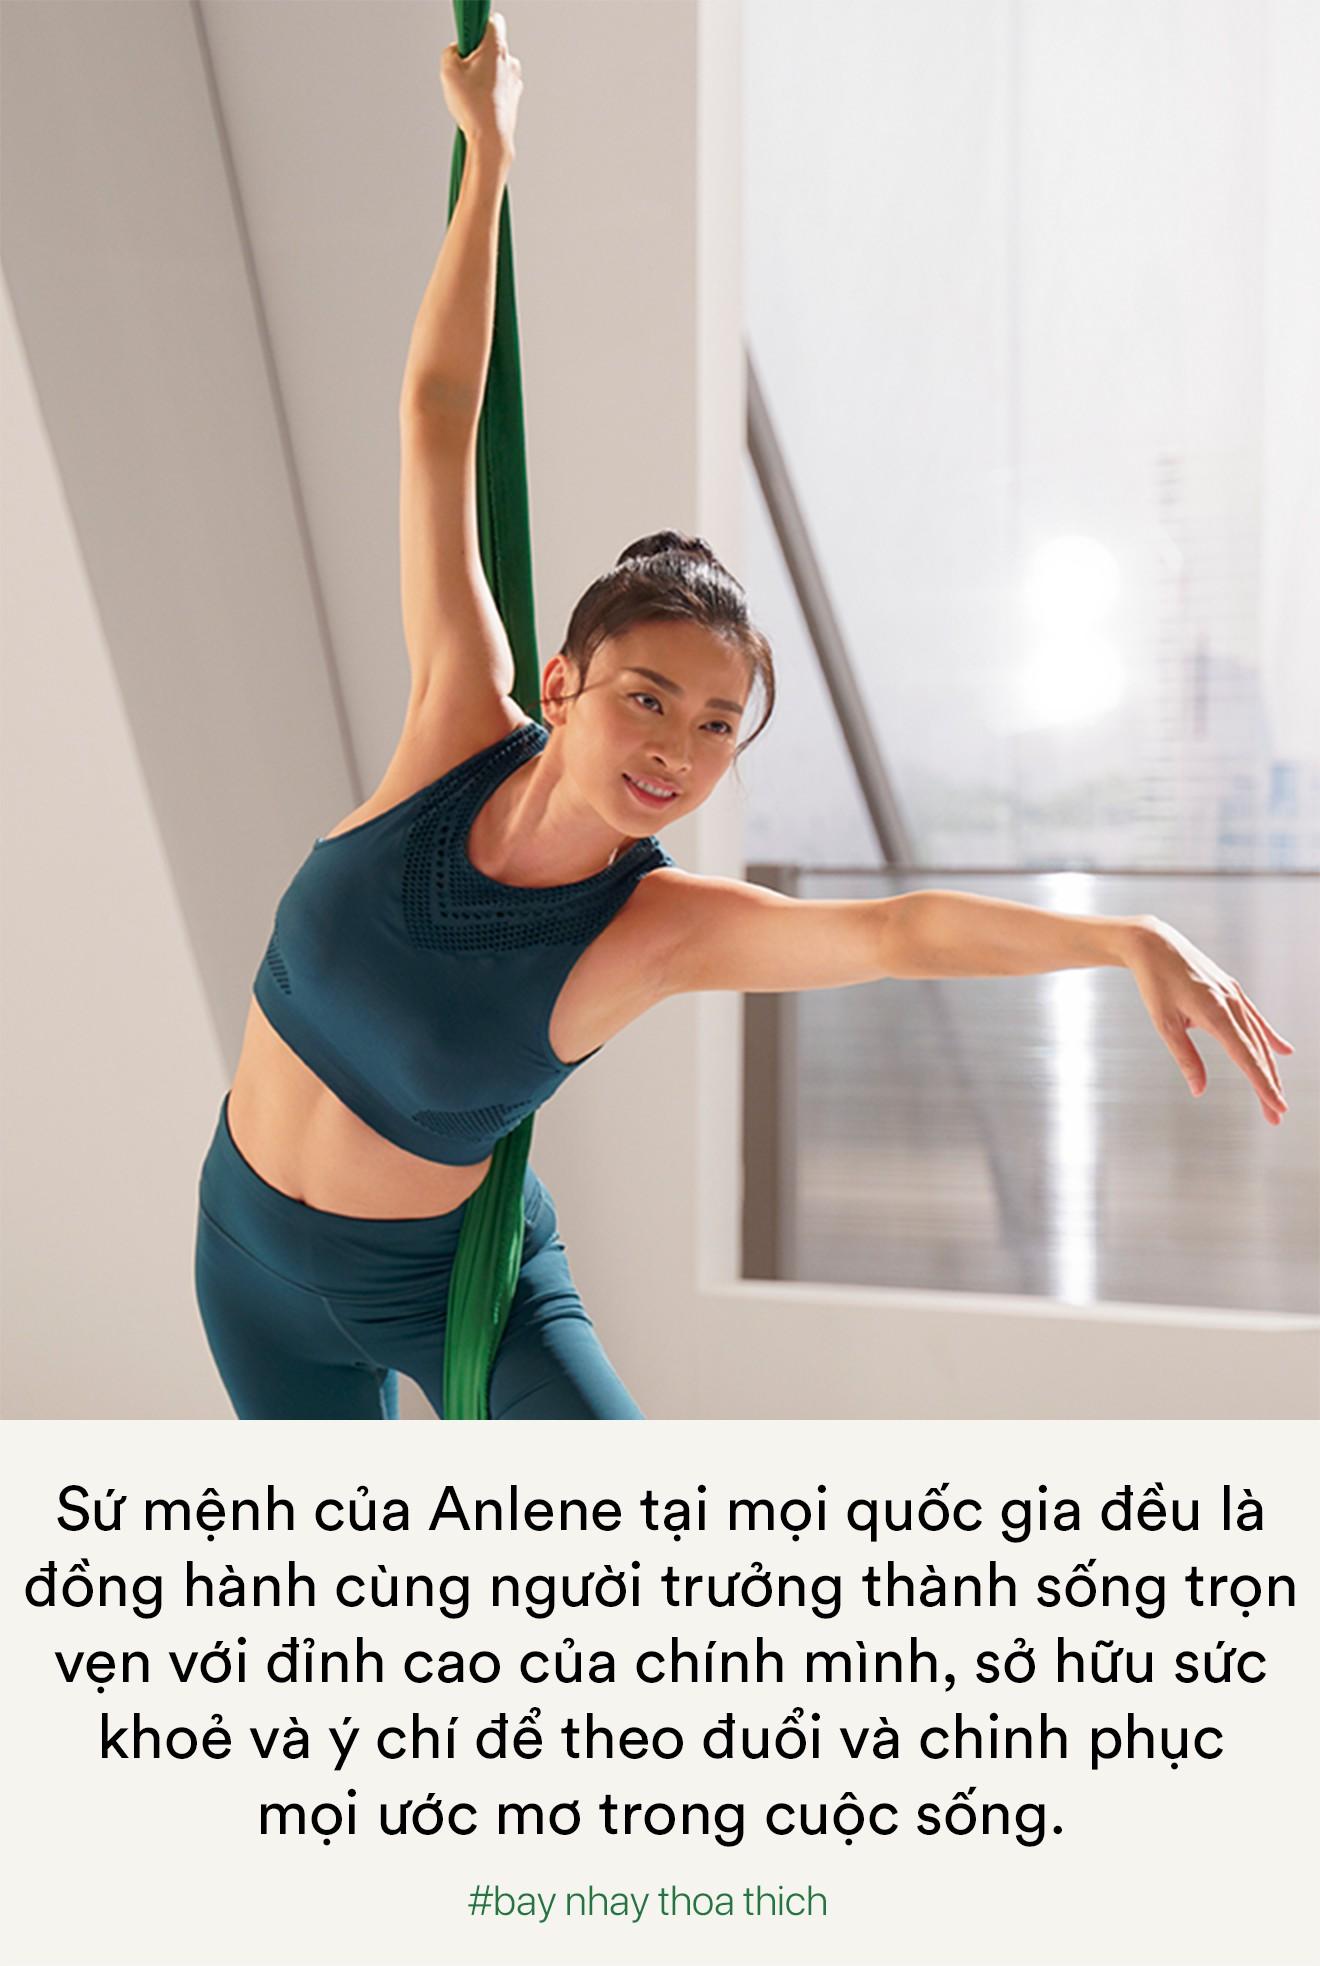 Đối thoại cùng Ngô Thanh Vân: Không ai ngồi đợi thành công tới, muốn sống trọn vẹn phải biết bay nhảy với đời - Ảnh 9.